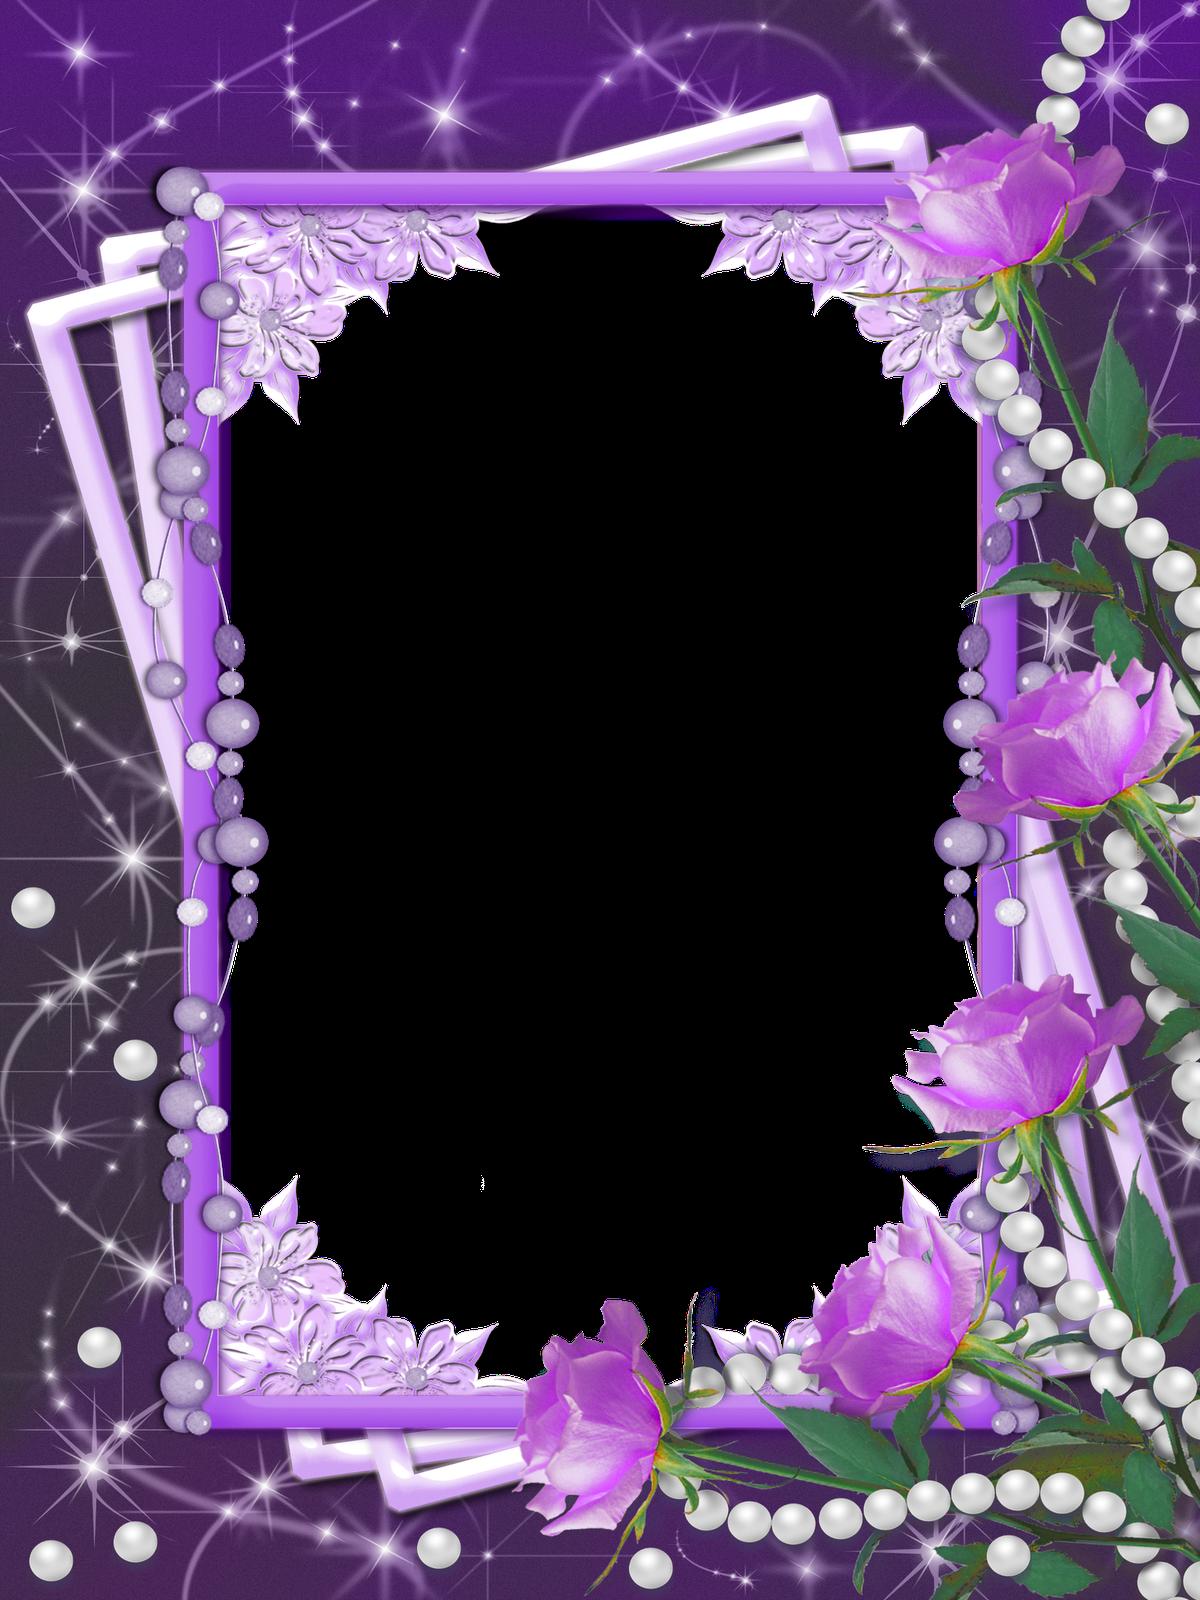 Lavender clipart lavender floral. Transparent purple flower frame